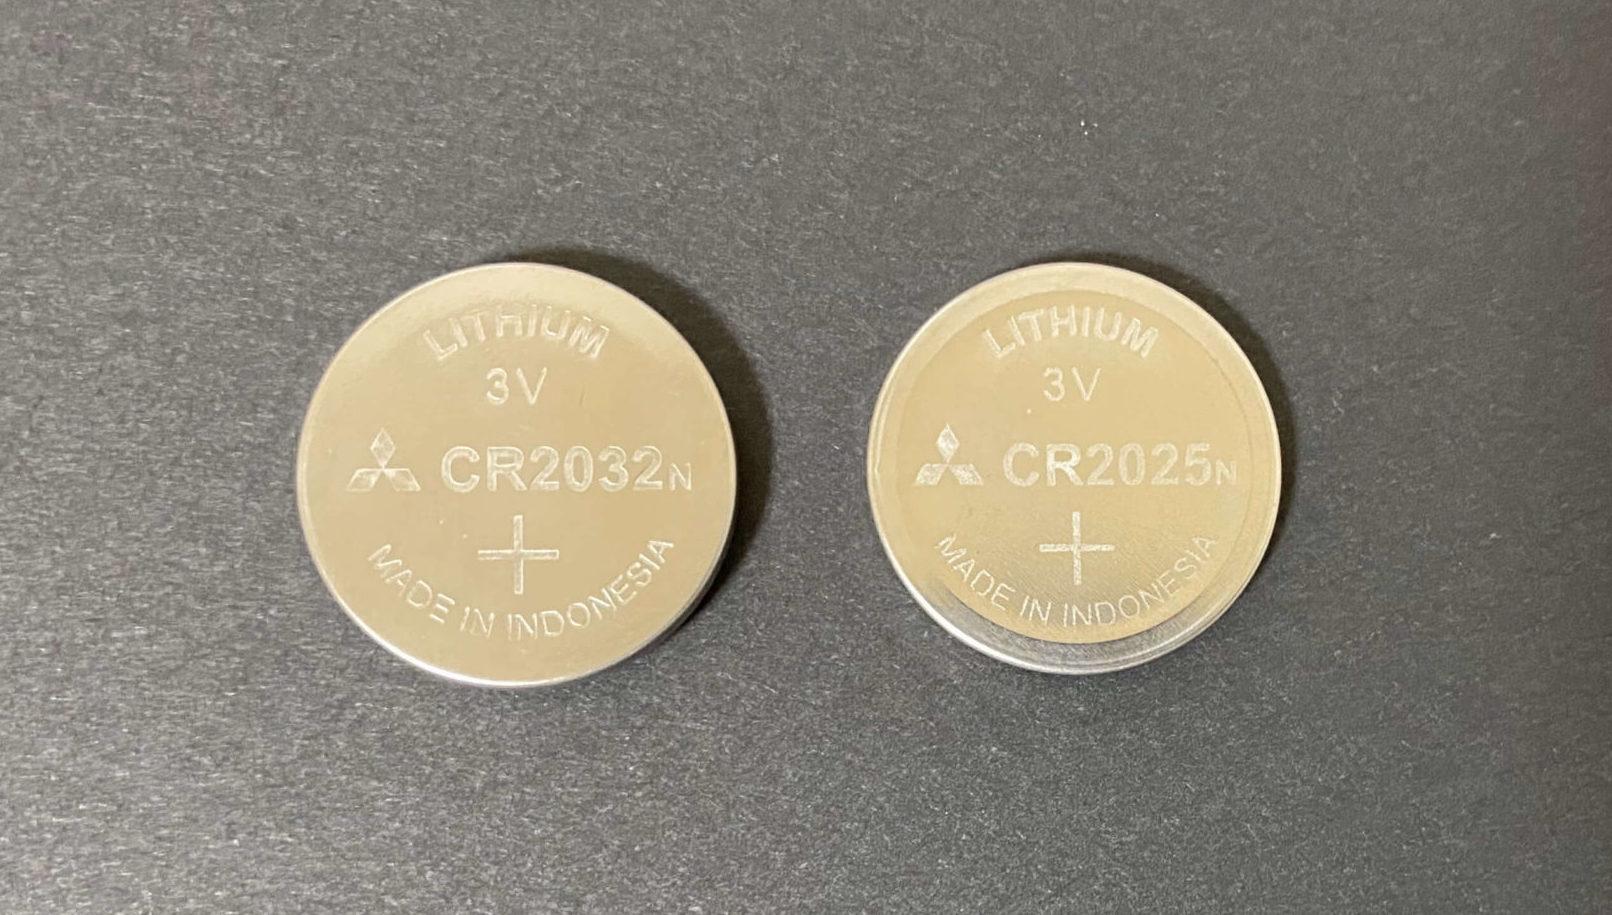 CR2032とCR2025の直径の違いを比較